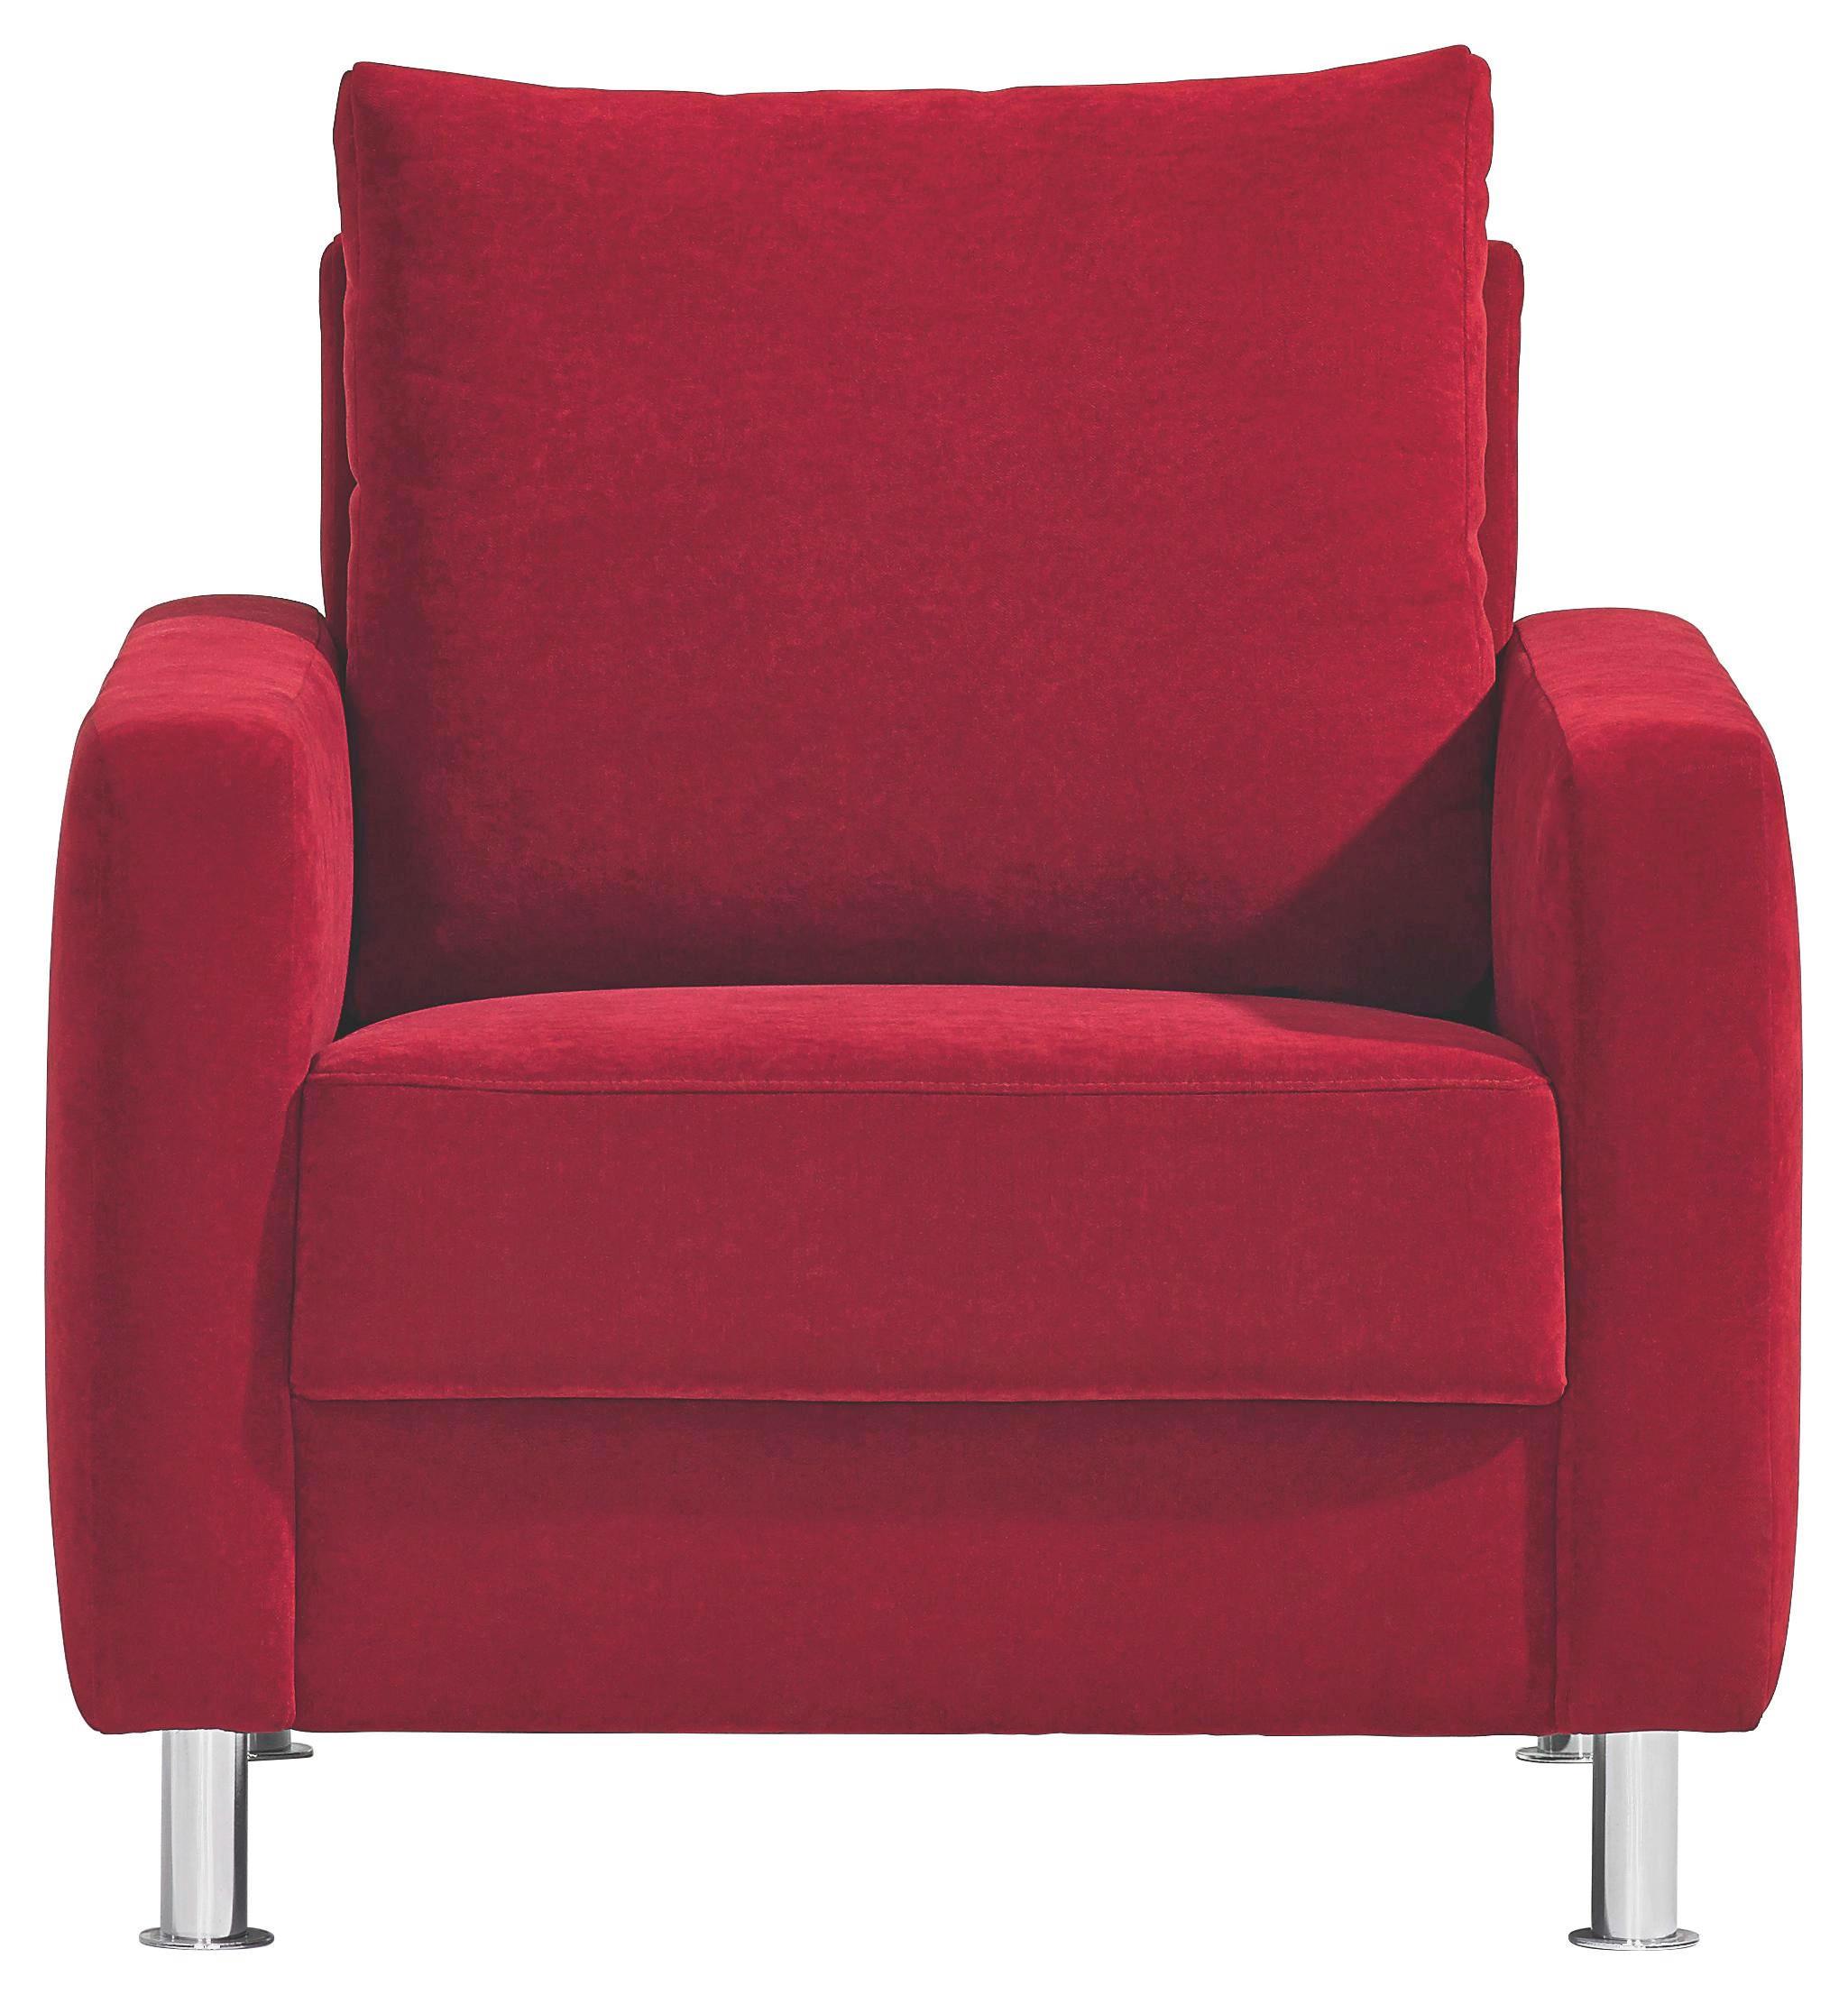 SESSEL Rot - Chromfarben/Rot, Design, Textil/Metall (81/90/85cm) - BALI